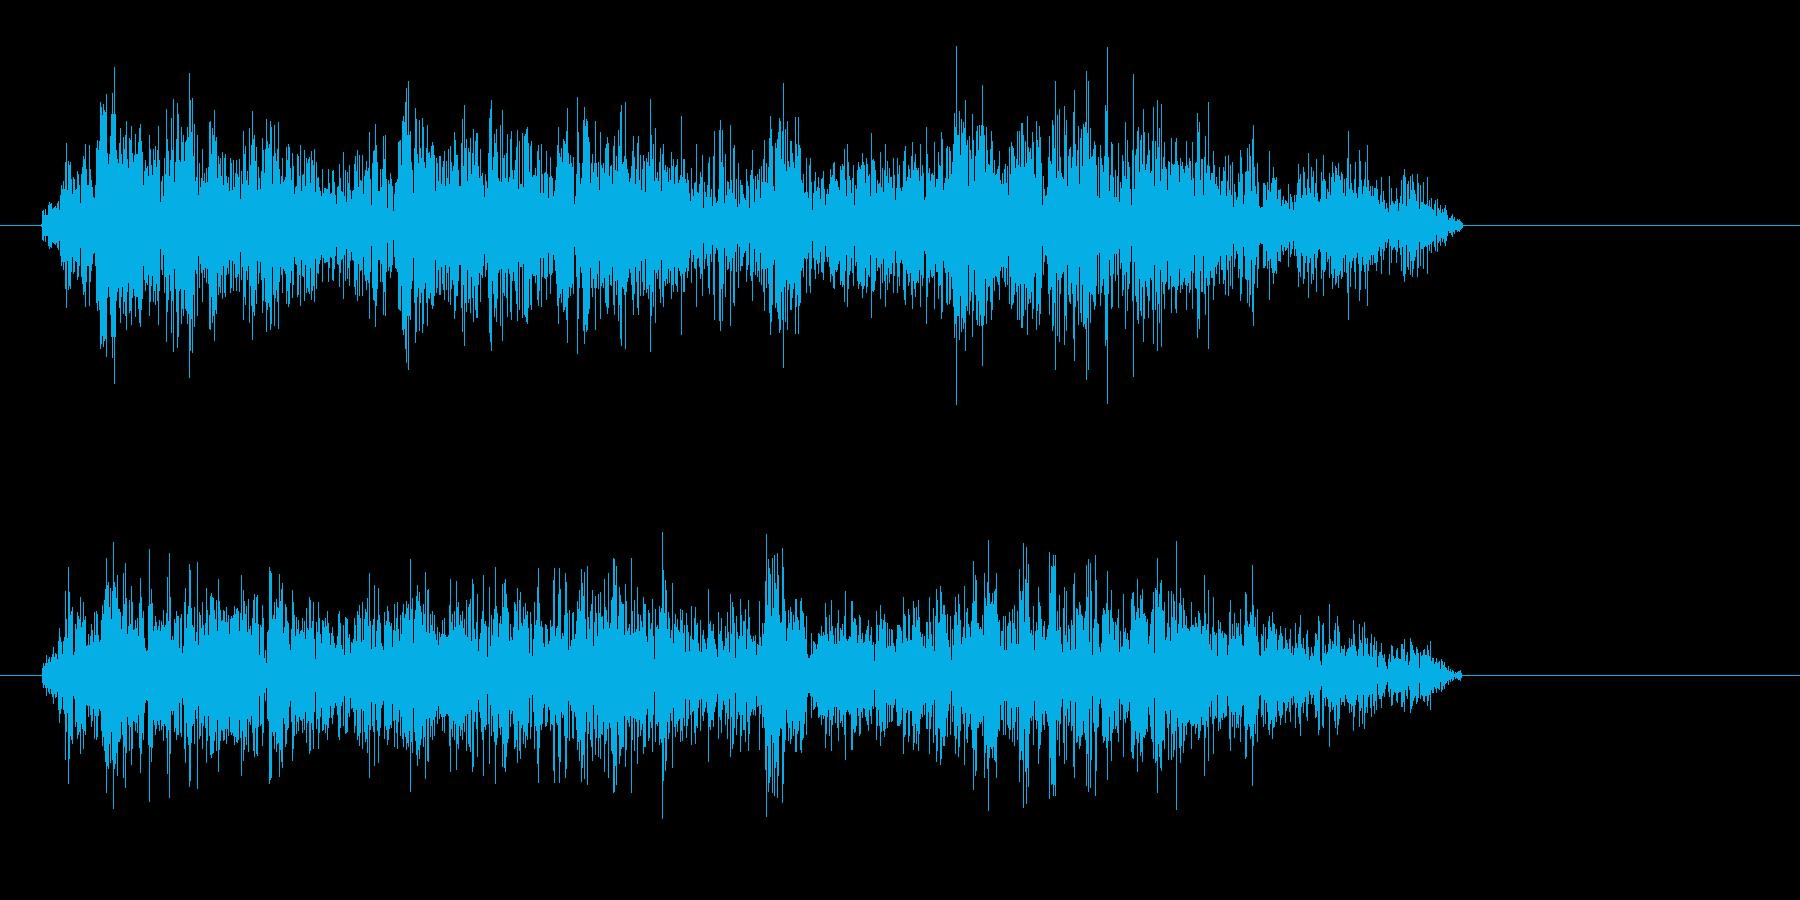 シュルルッ(ビーム音)の再生済みの波形